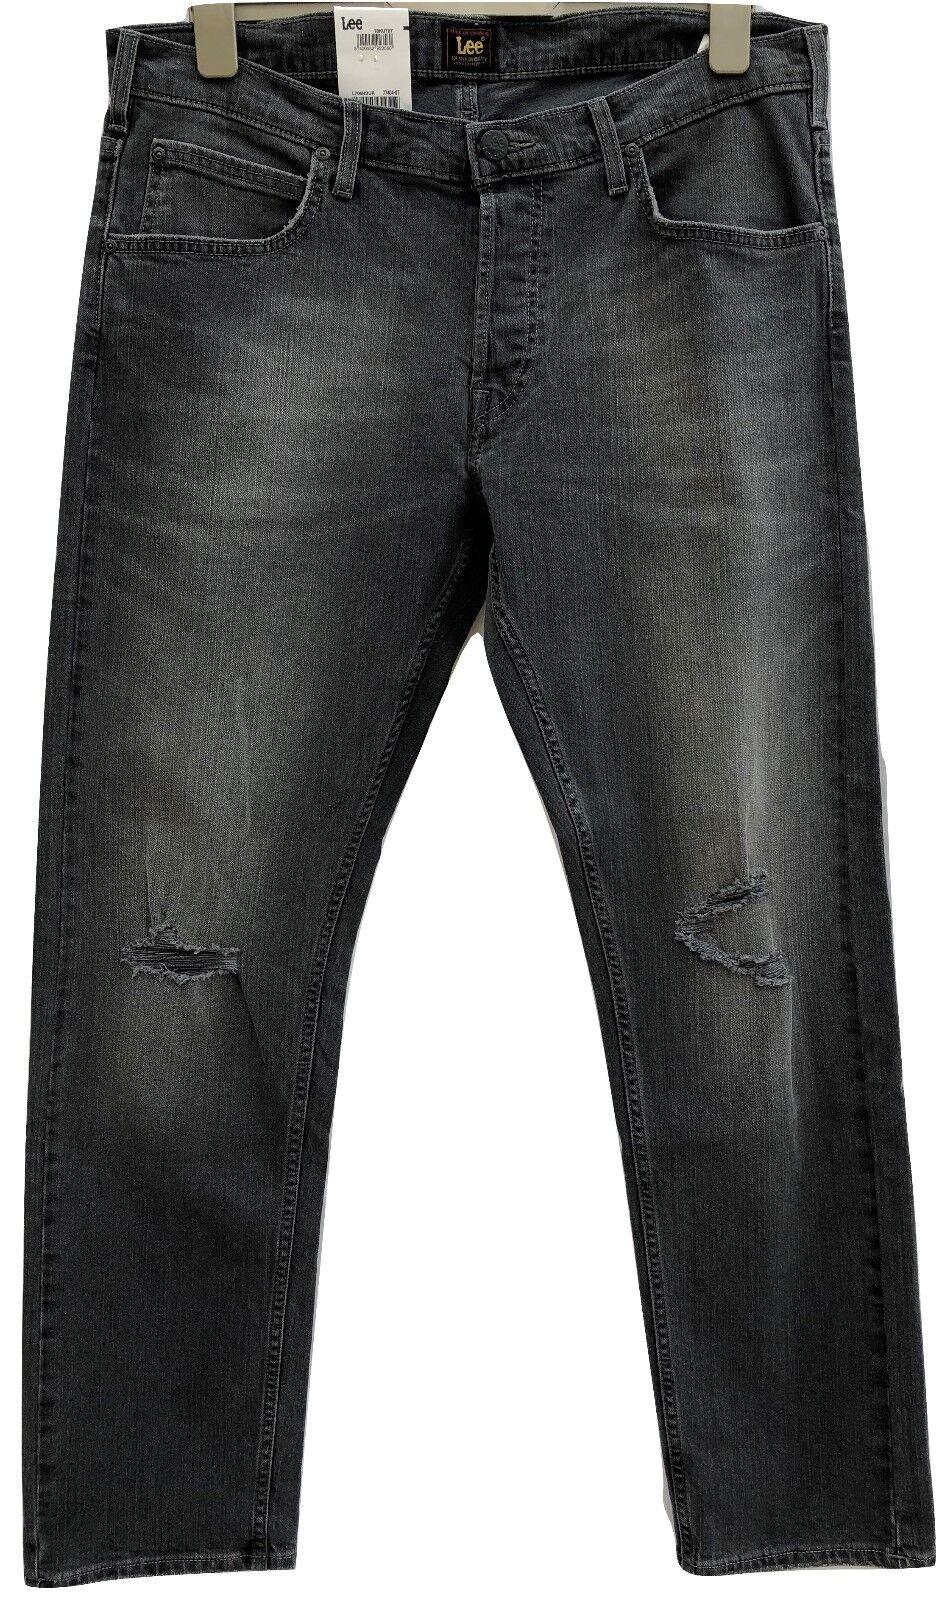 Para Hombres Jeans Lee Daren Regular  de 36 X 32 negra con aspecto envejecido New cierre de botones  Envíos y devoluciones gratis.